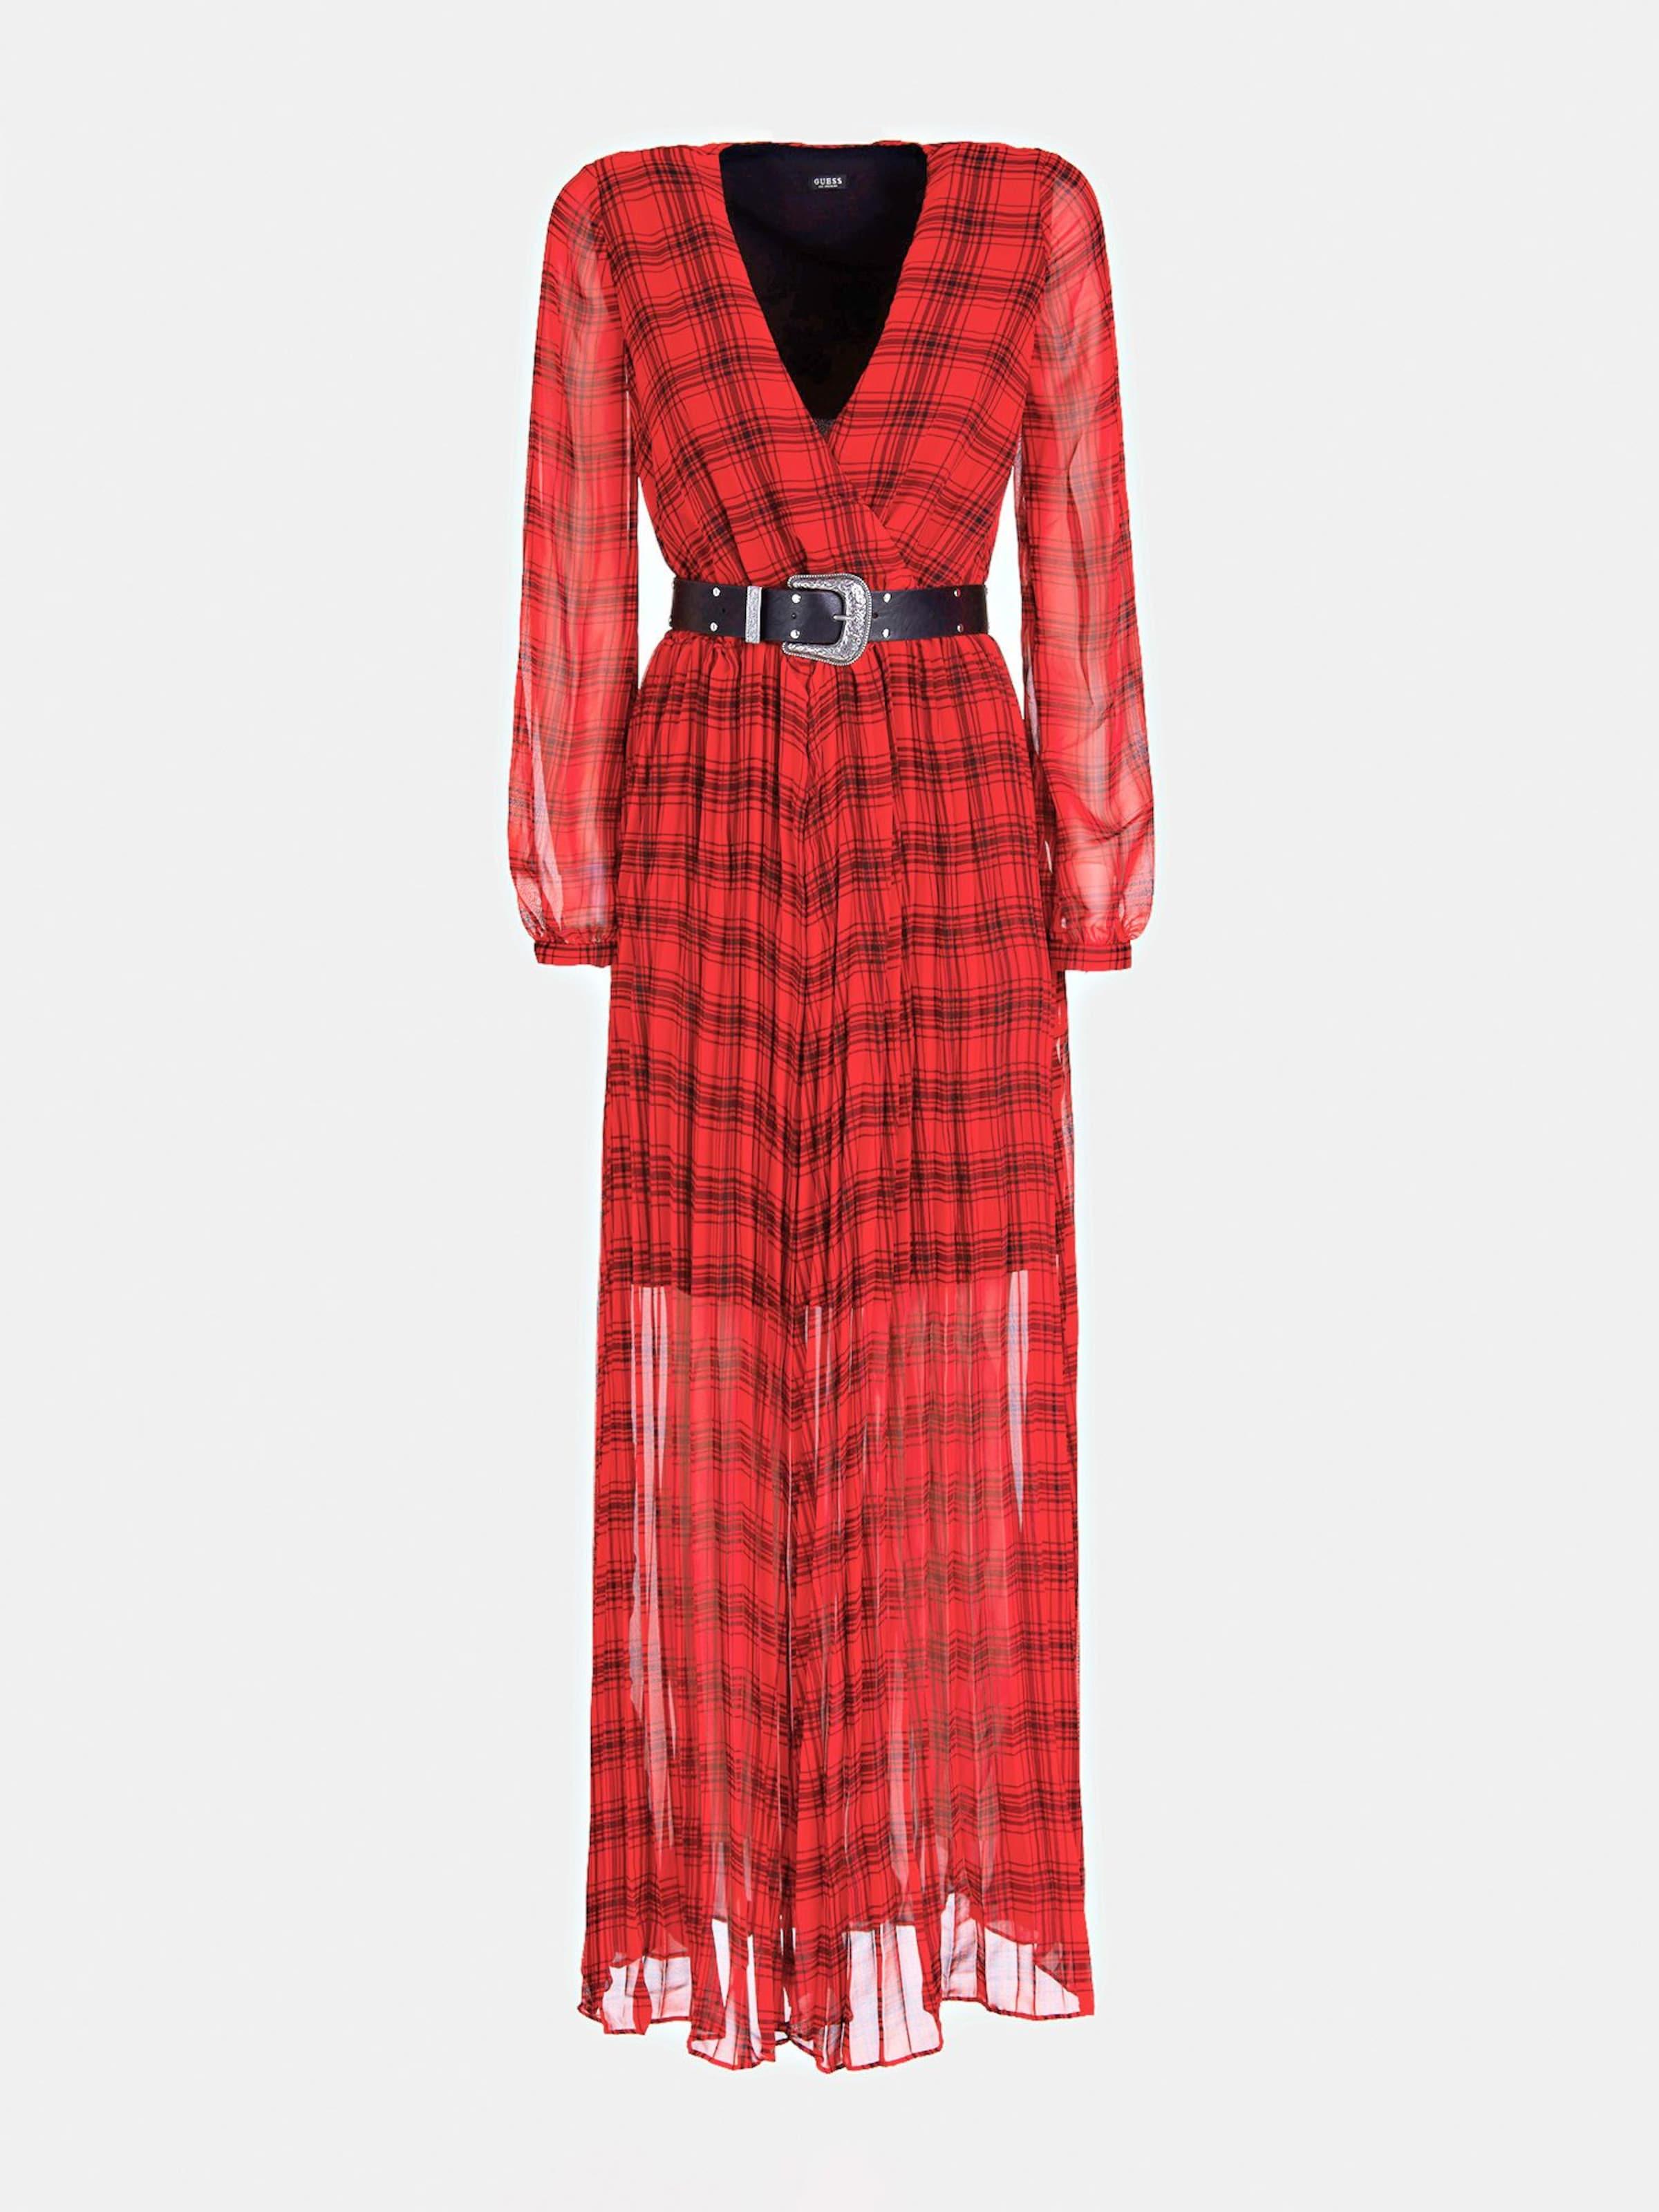 RotSchwarz Guess In Guess In Kleid Kleid In RotSchwarz Kleid Guess Kleid RotSchwarz Guess In c4qARjL35